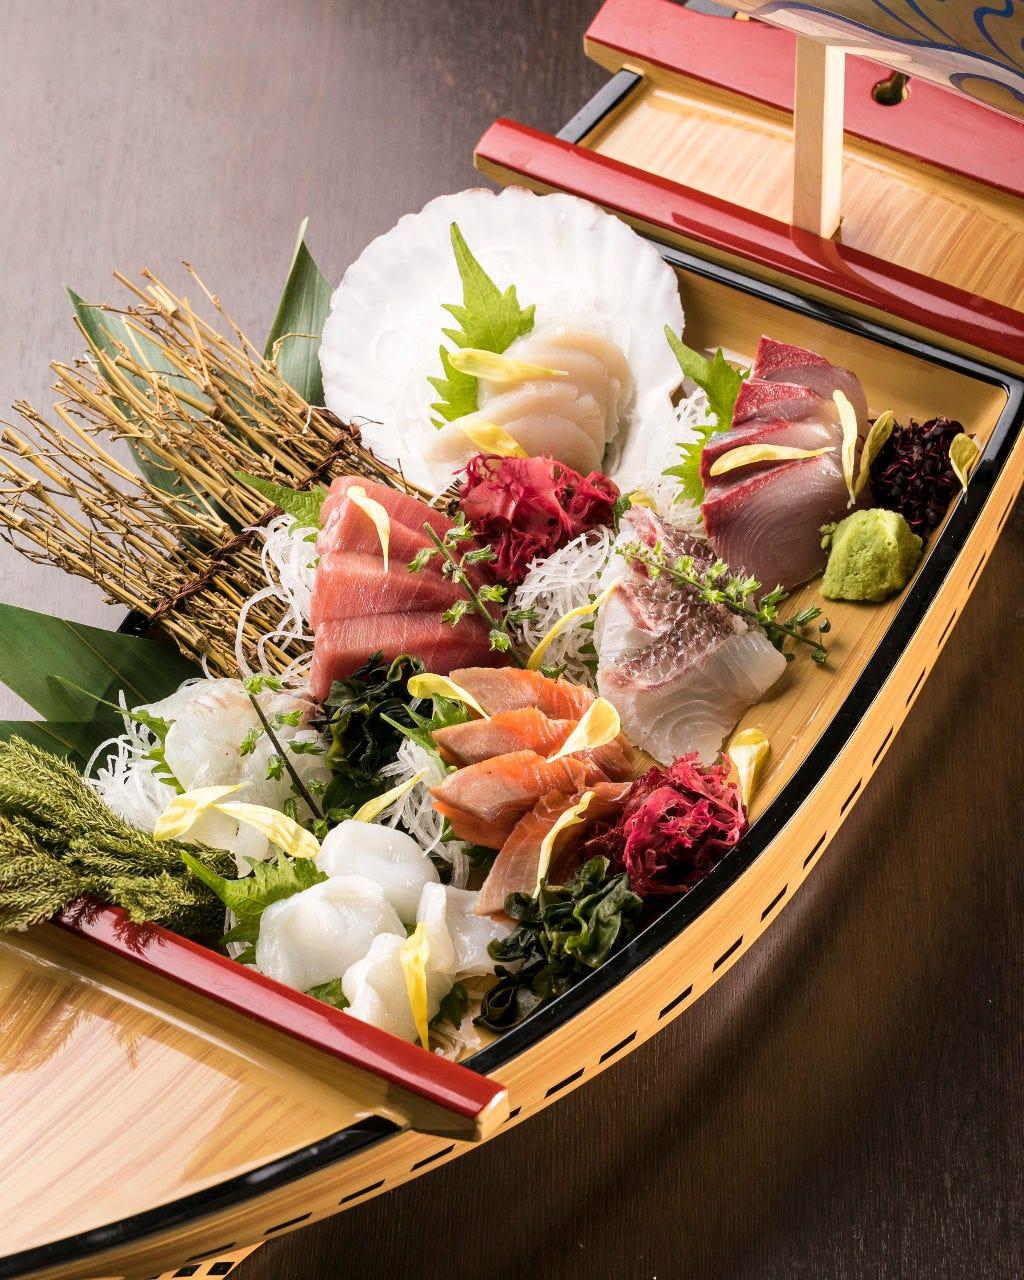 鱼と日本酒 笑う门には福来る 锦糸町